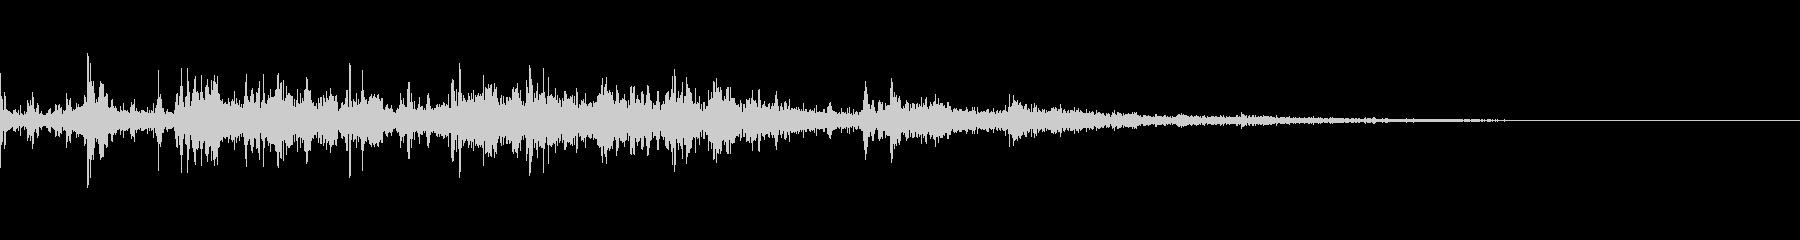 カミナリ(遠雷)-25の未再生の波形